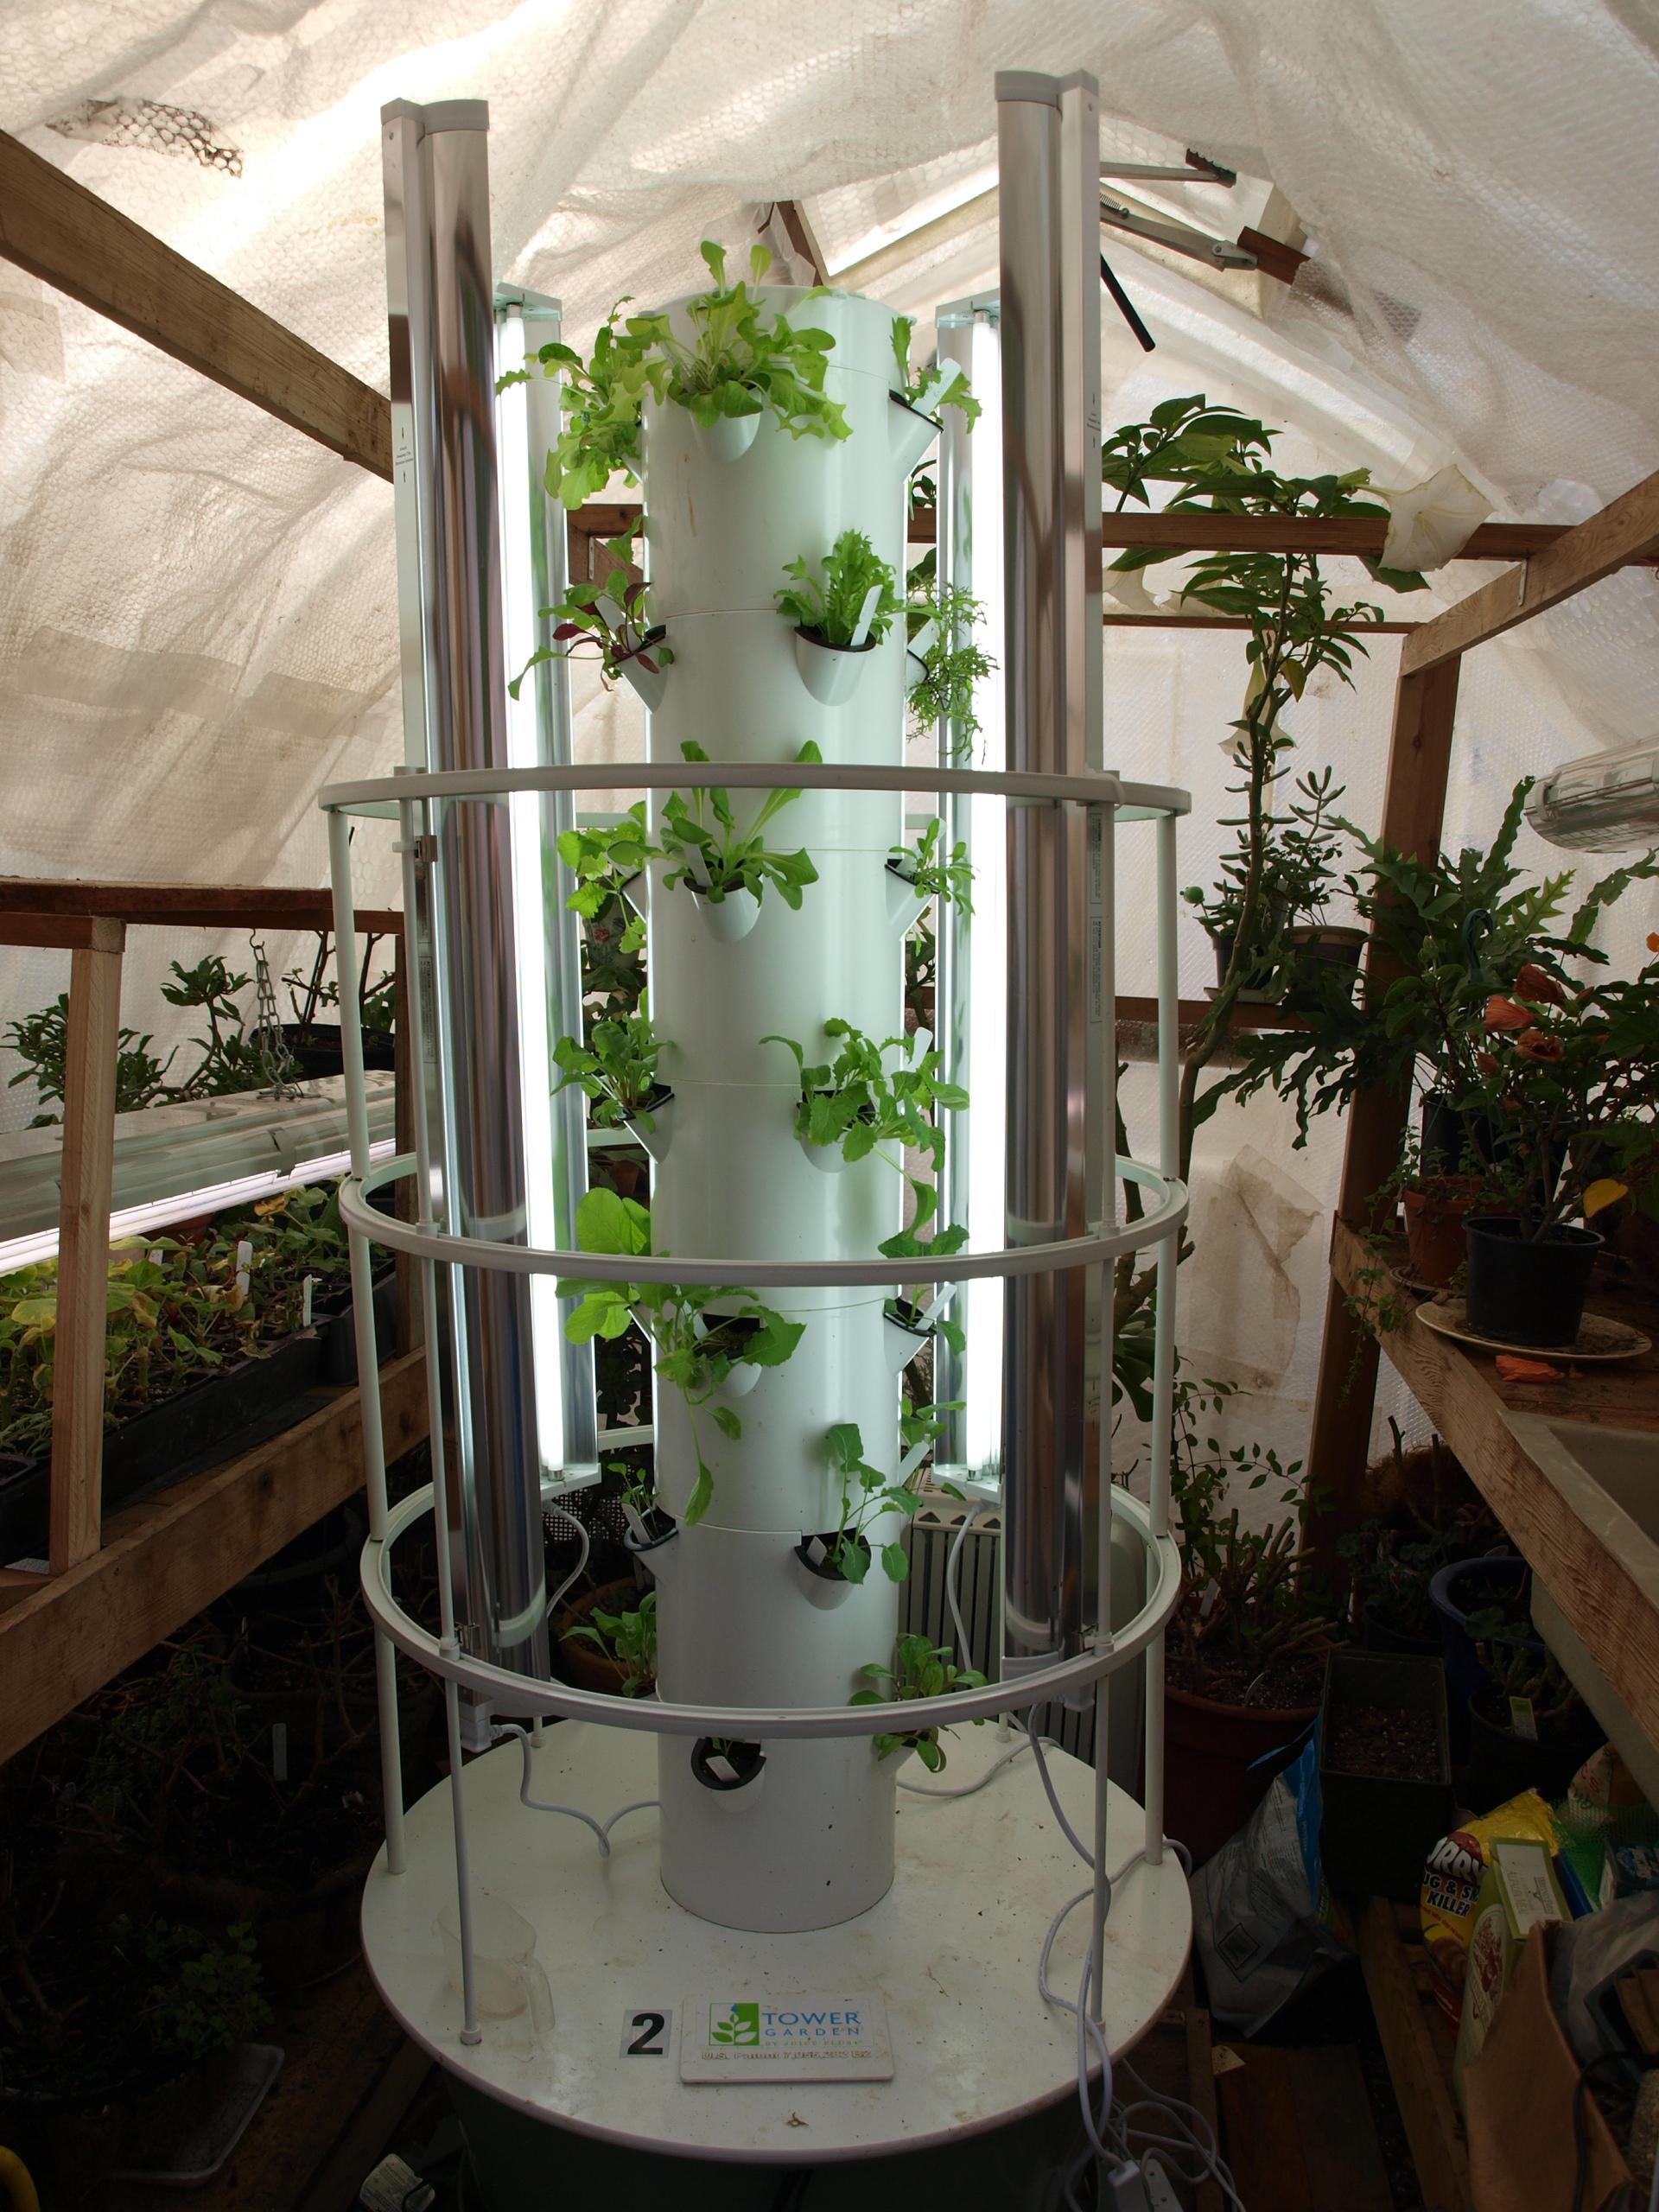 Greenhouse backyard tower garden for Vertical garden tower